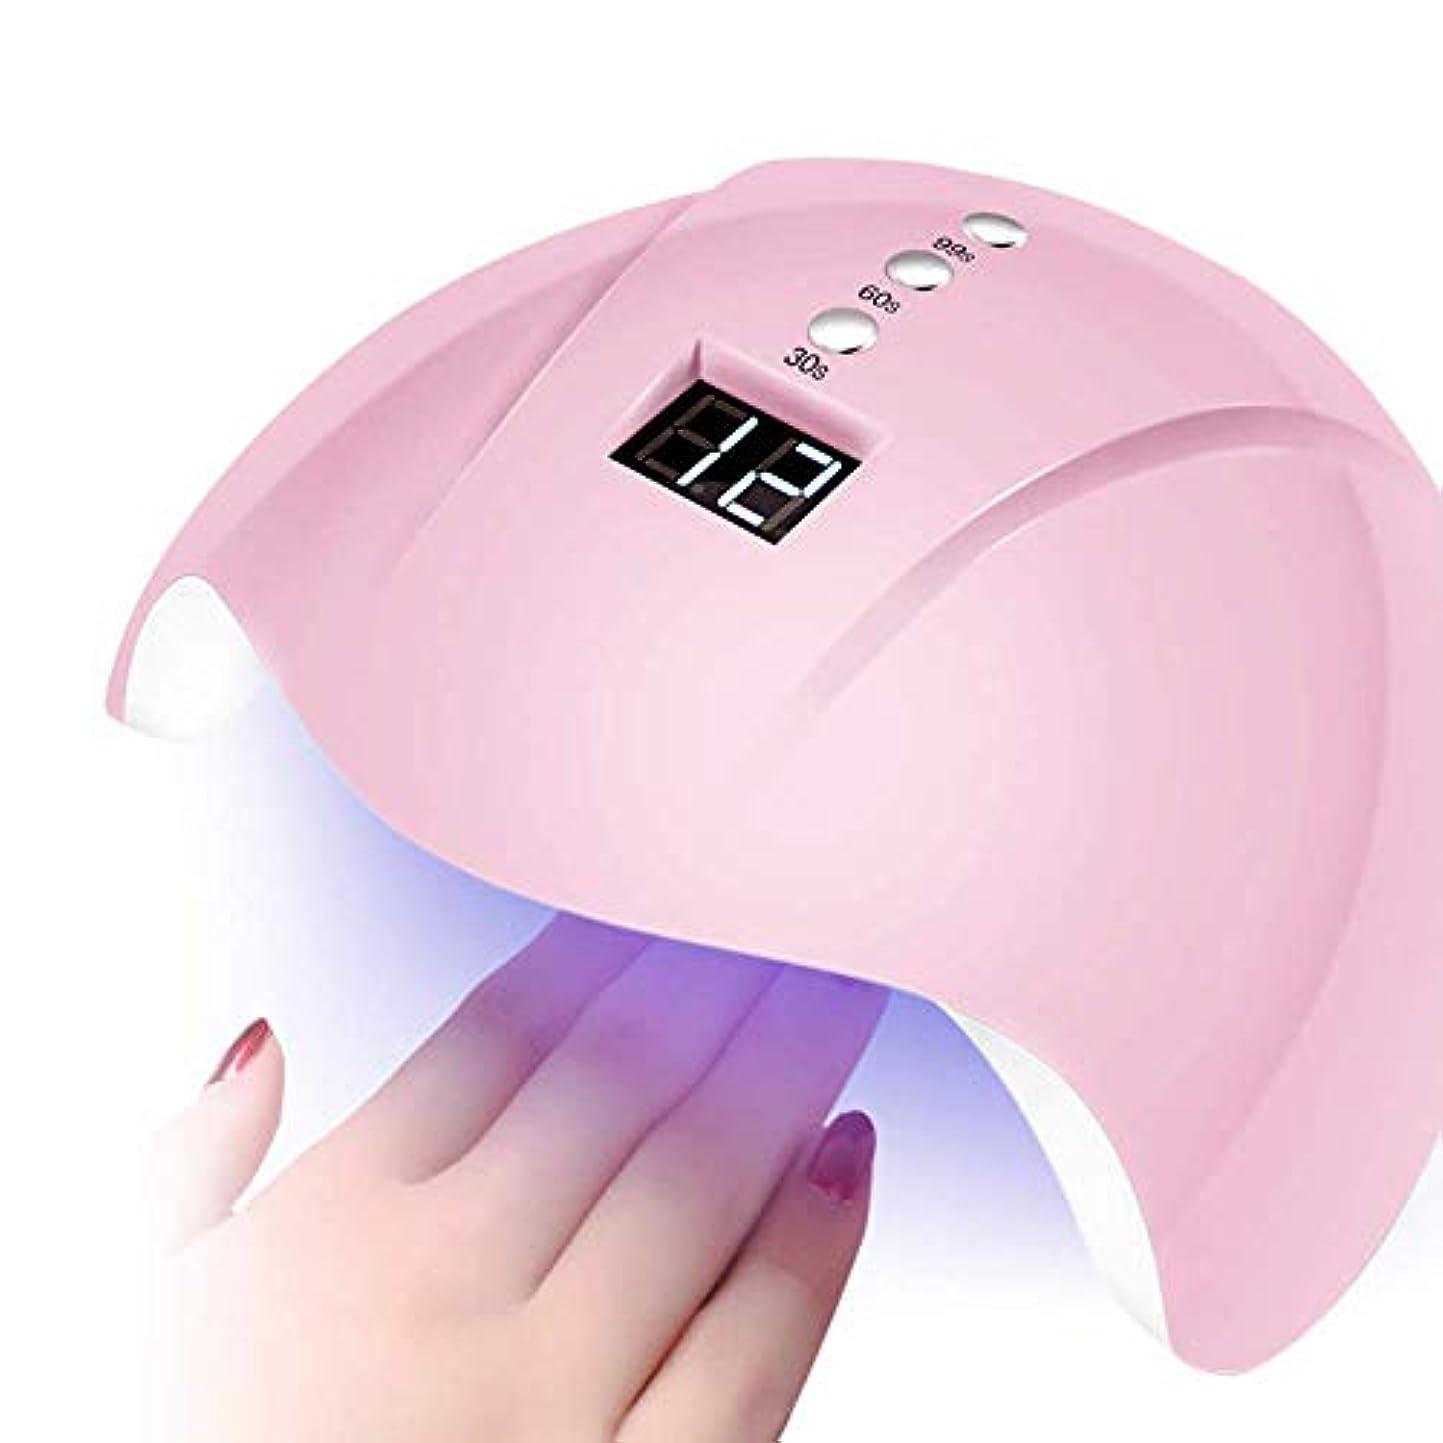 不道徳パーススーパーマーケットLEDネイルドライヤー UVライト 36W LED硬化ライト 自動センサ3段階タイマー設定 ピンク